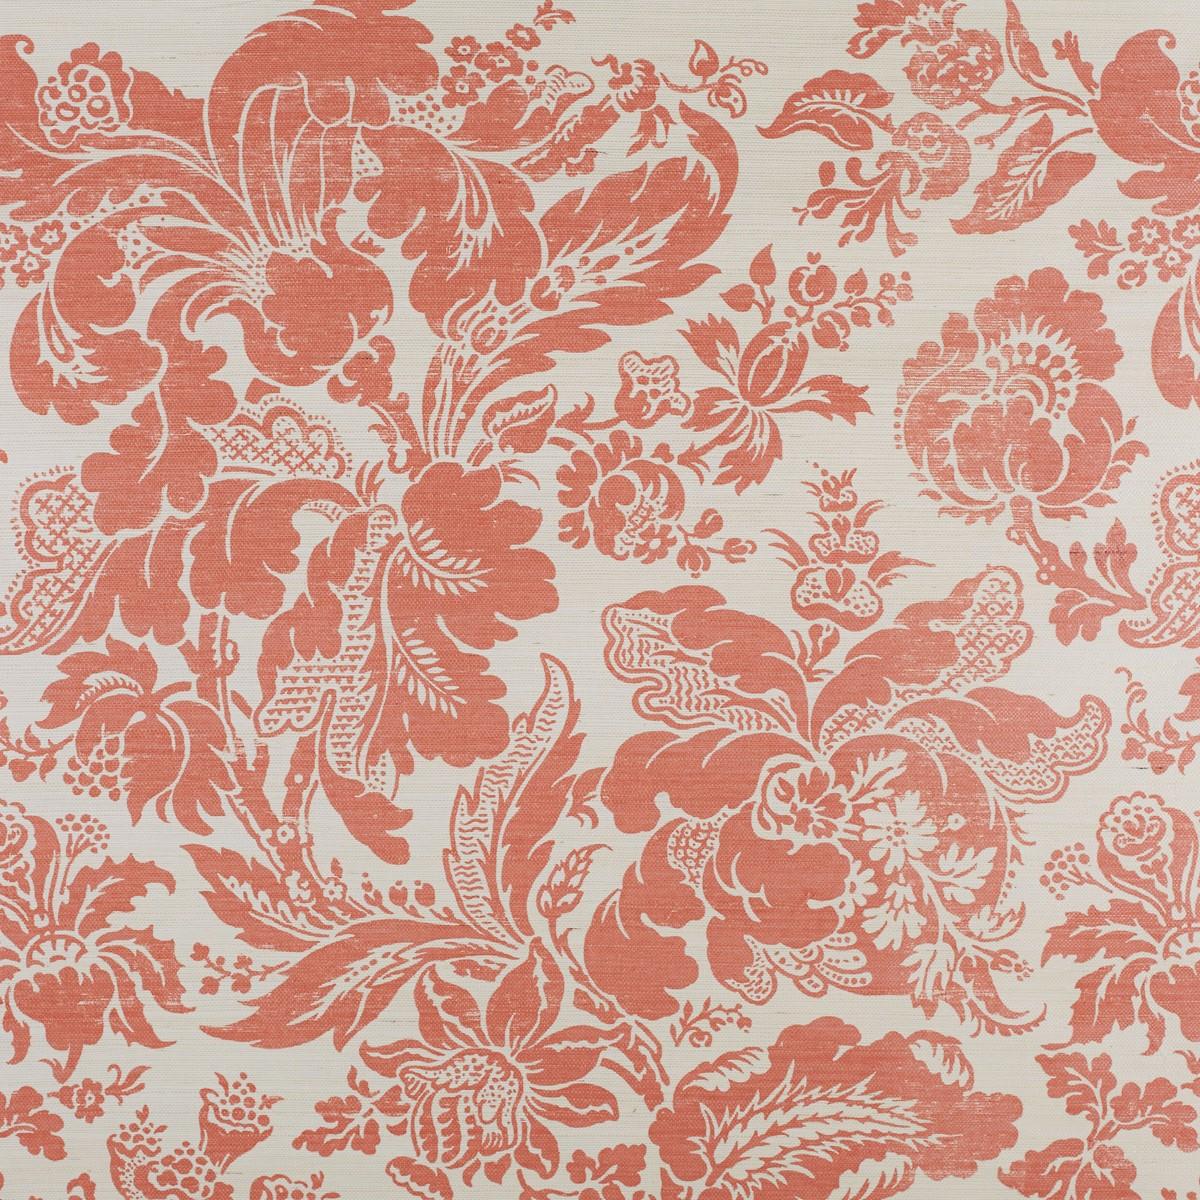 Pink Grasscloth Wallpaper: Bernard Thorp Fabric And